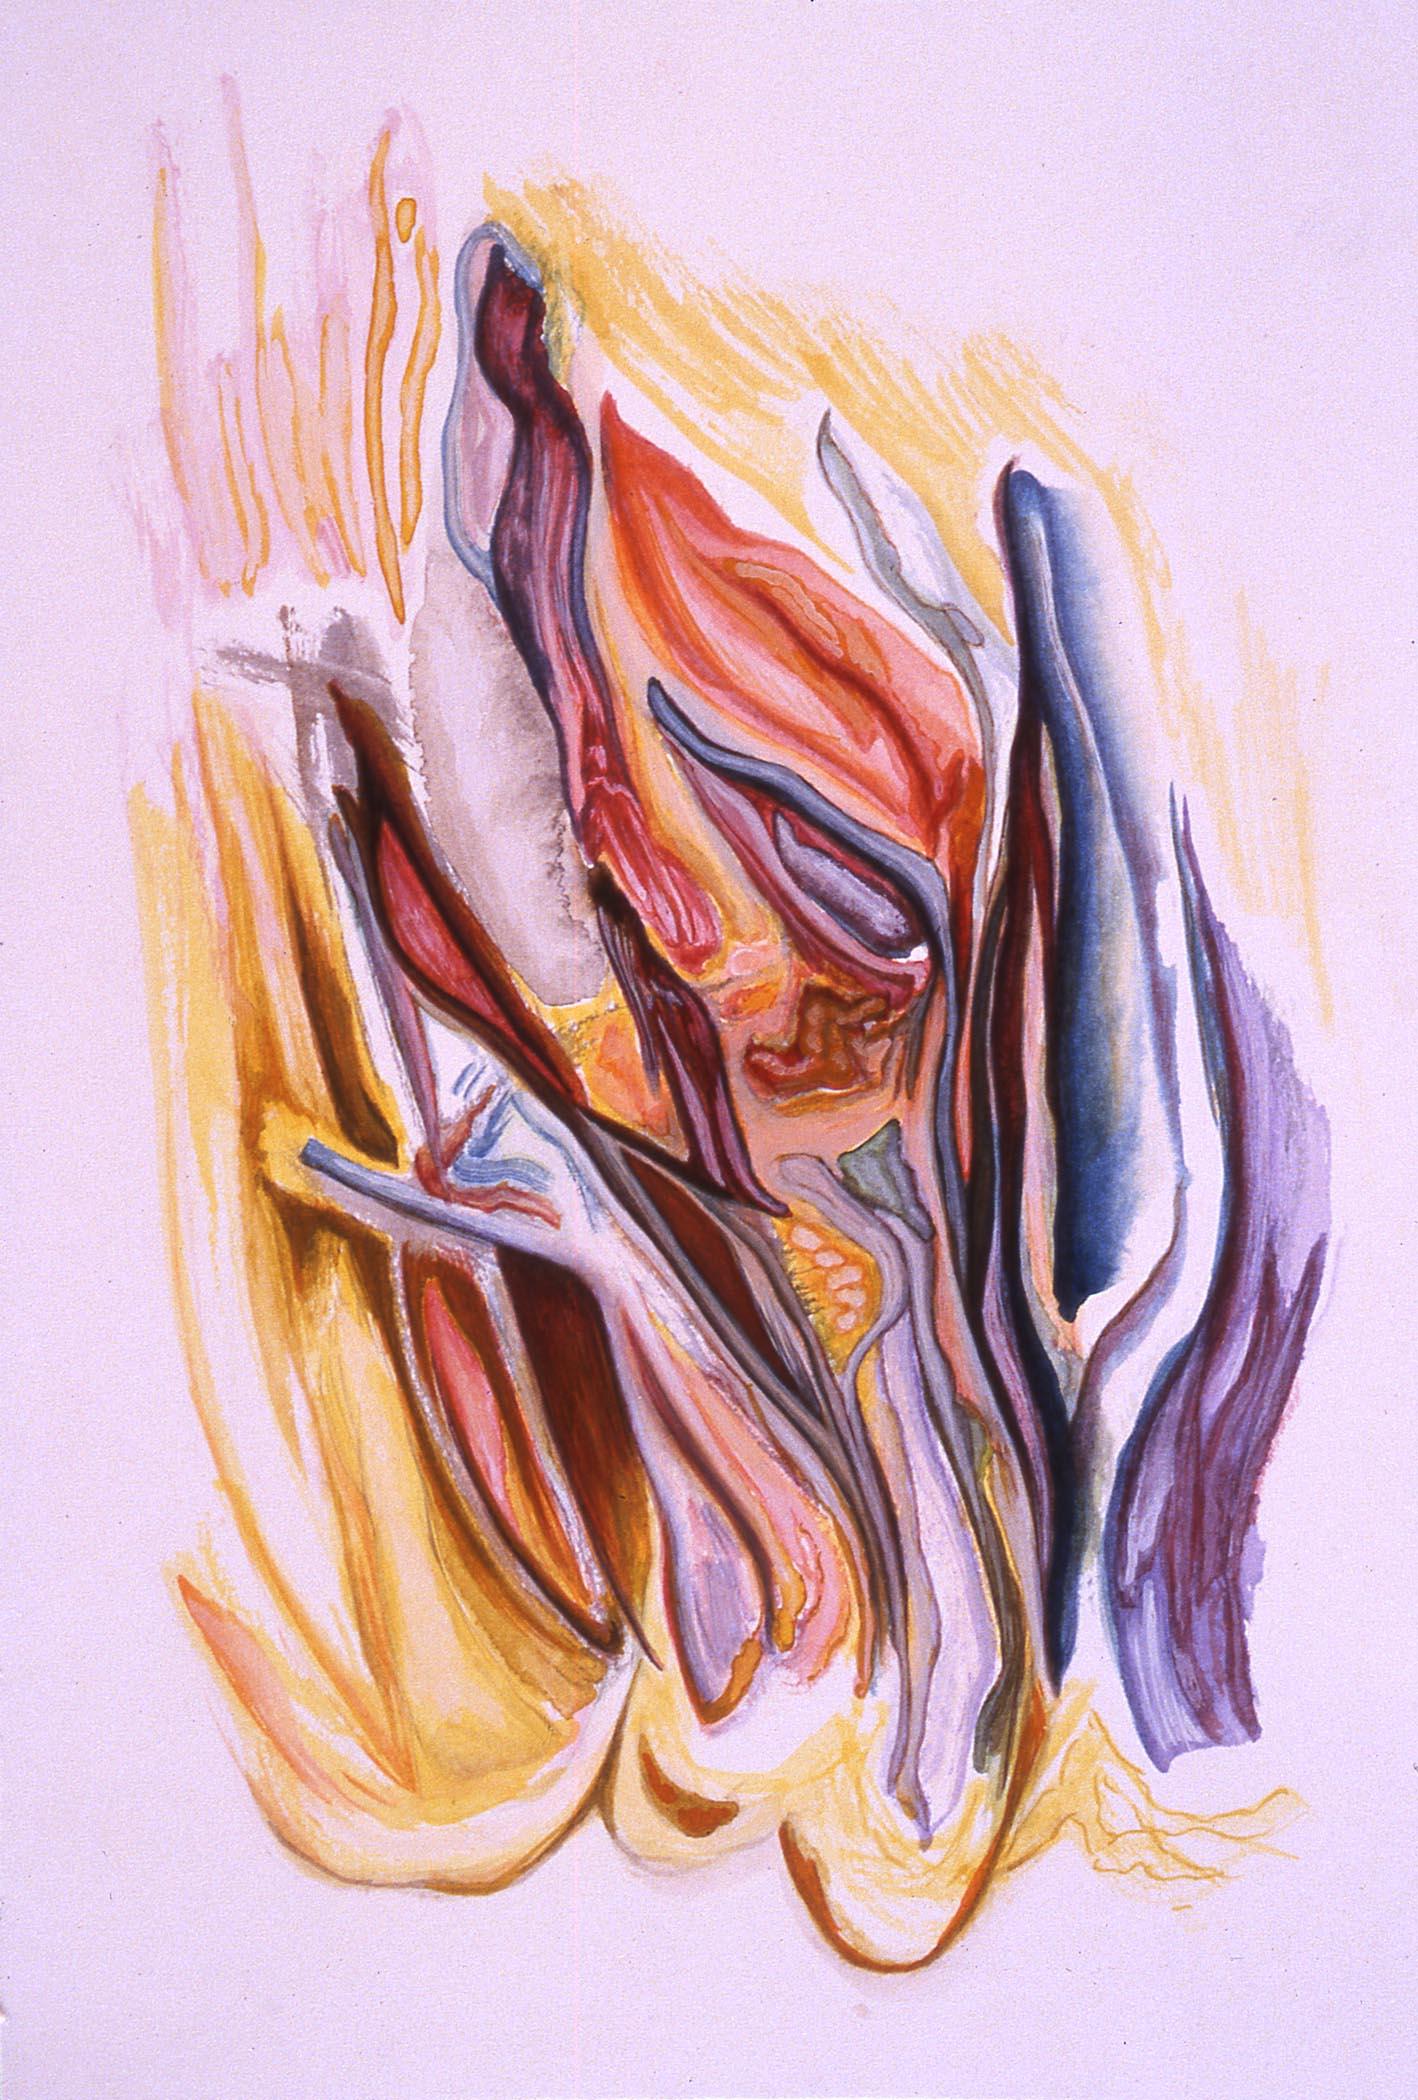 Subconscious Drawing 3